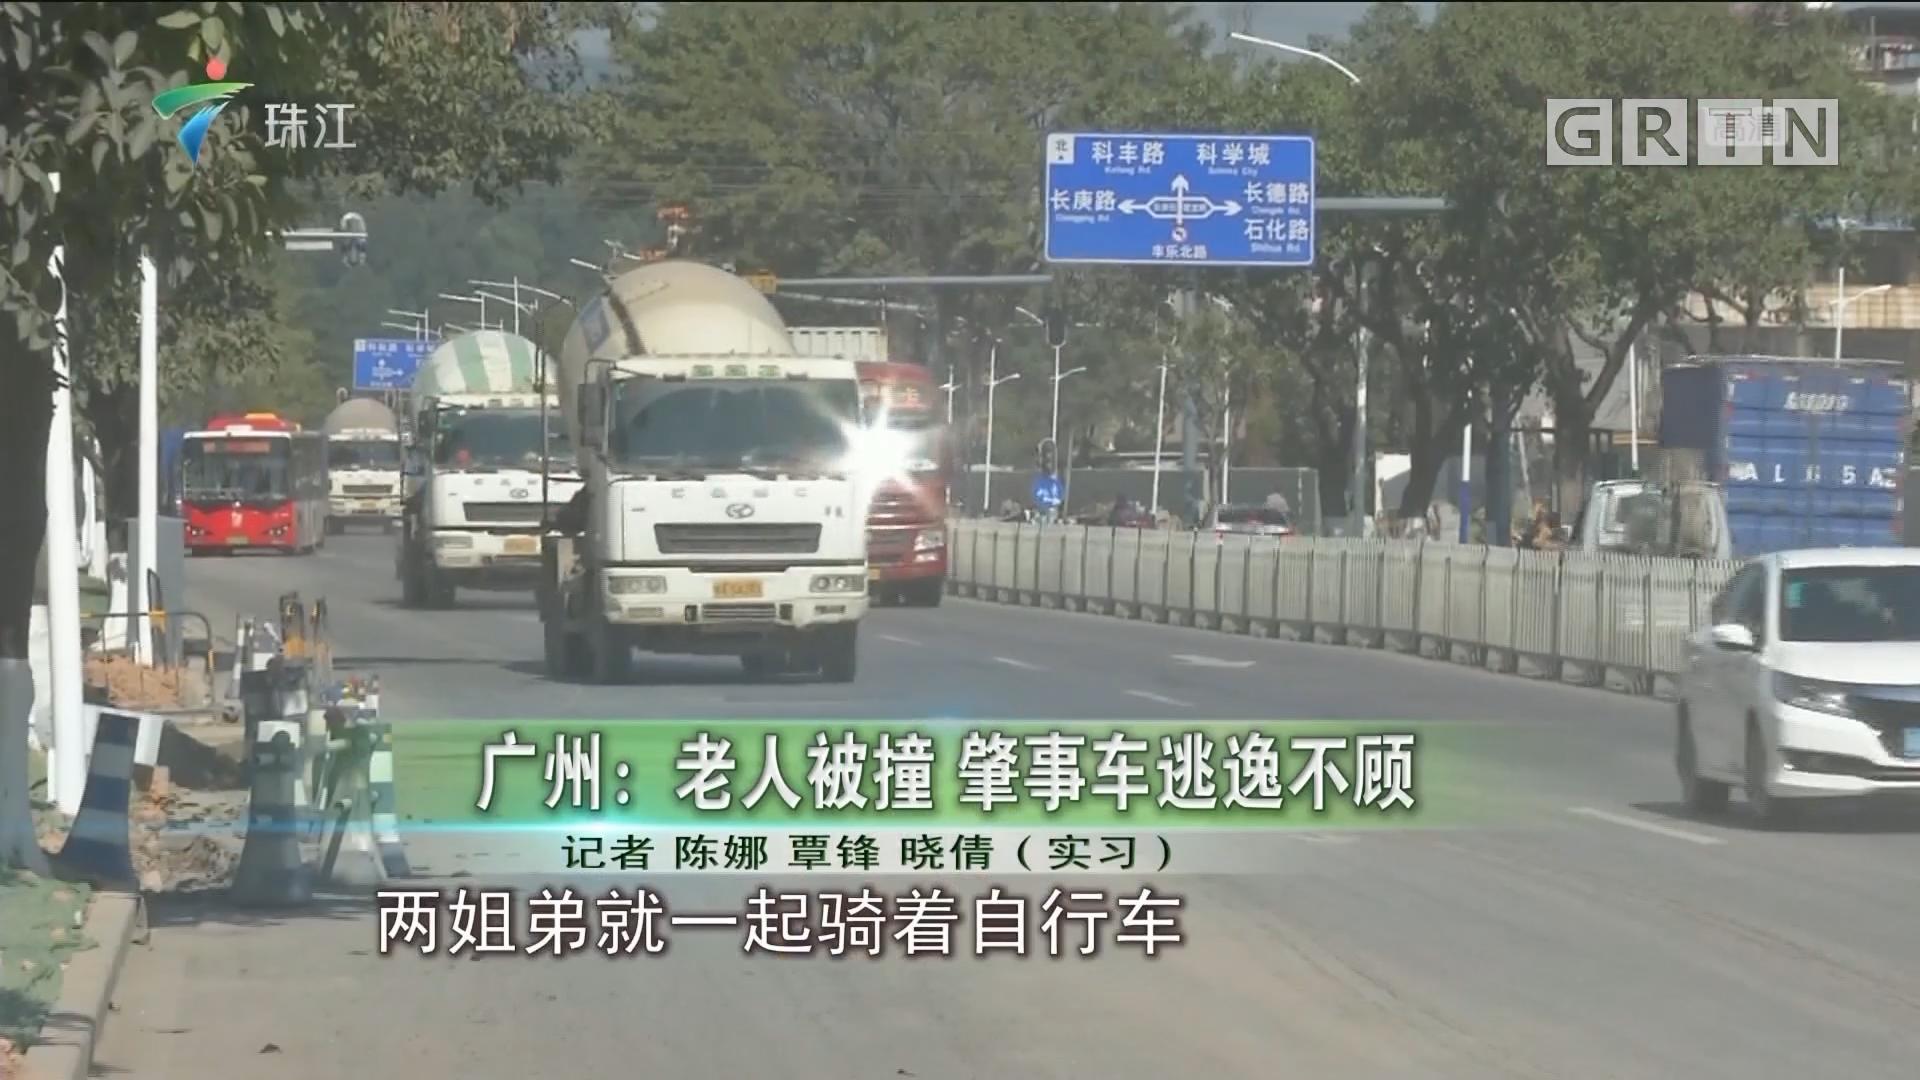 广州:老人被撞 肇事车逃逸不顾